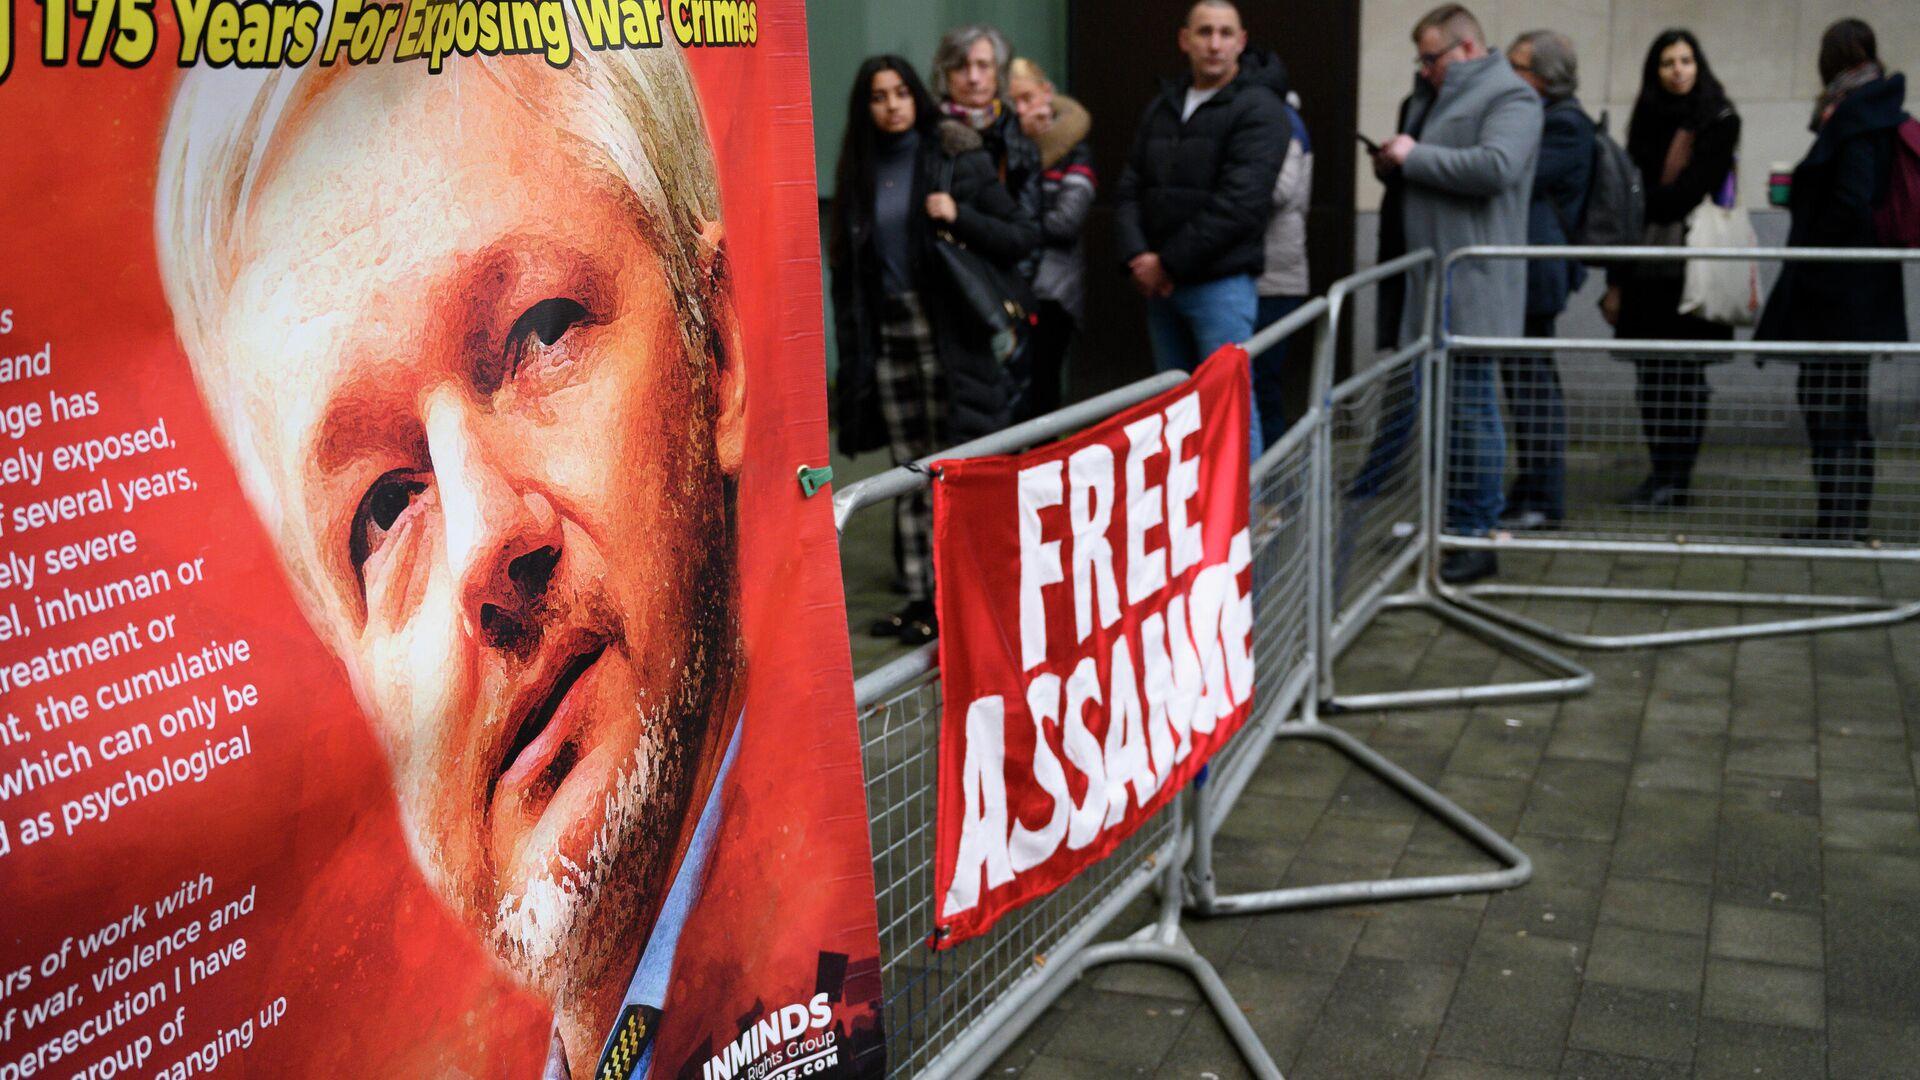 Плакаты у магистратского суда лондонского района Вестминстер, где проходит акция против экстрадиции основателя Wikileaks Джулиана Ассанжа - РИА Новости, 1920, 04.01.2021